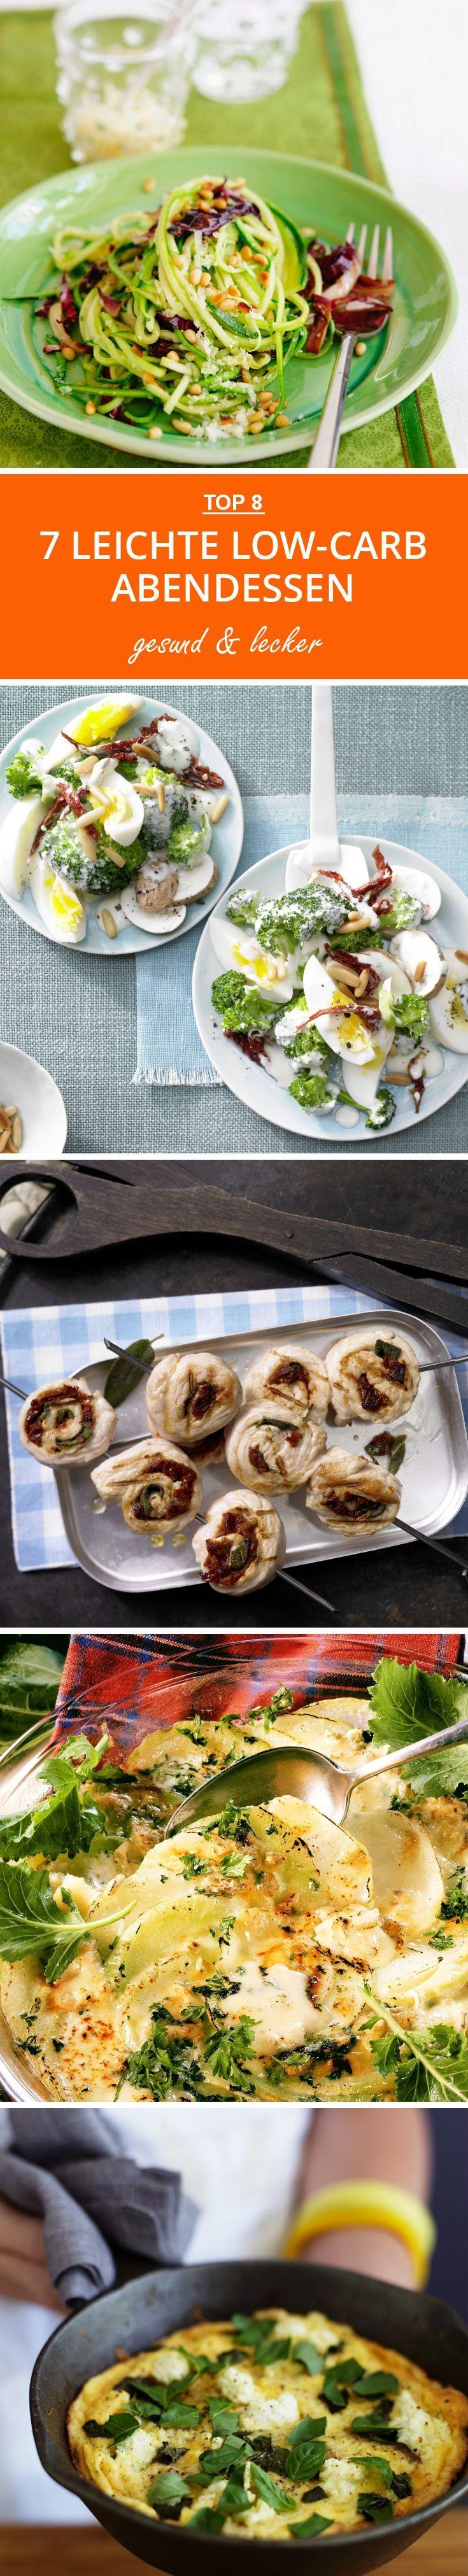 7 leichte Low-Carb Abendessen - jede Woche neue Rezepte unter diesem Link!